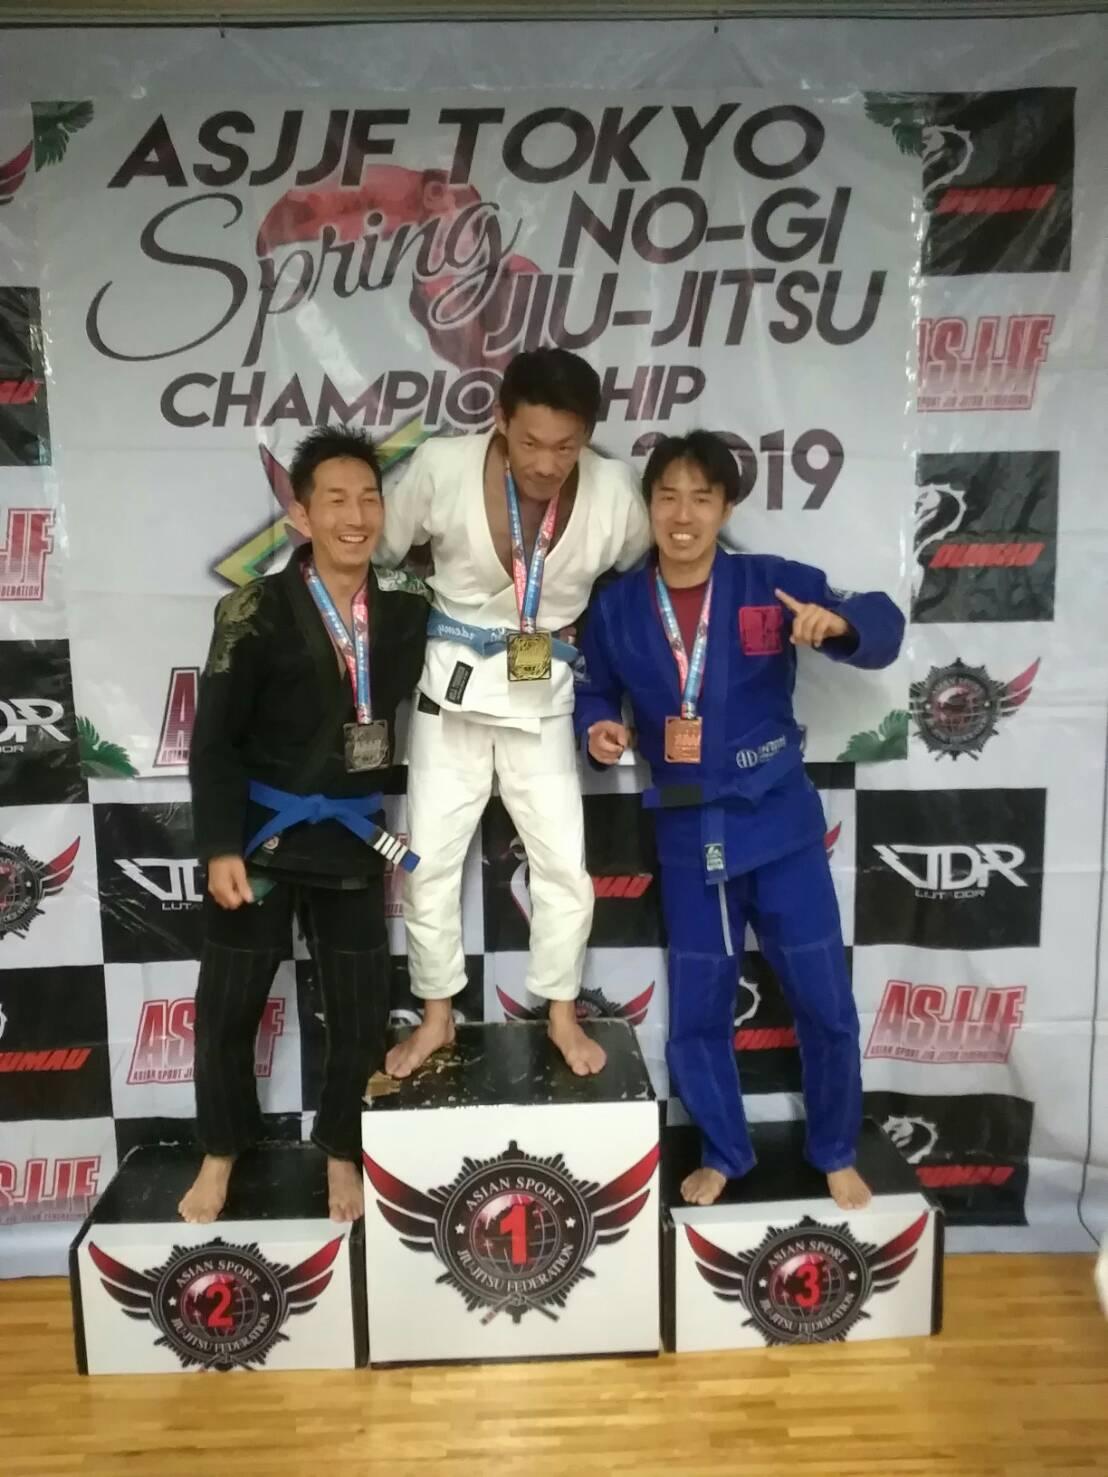 アジアスポーツ柔術連盟 柔術選手権 2019 春|大会写真01